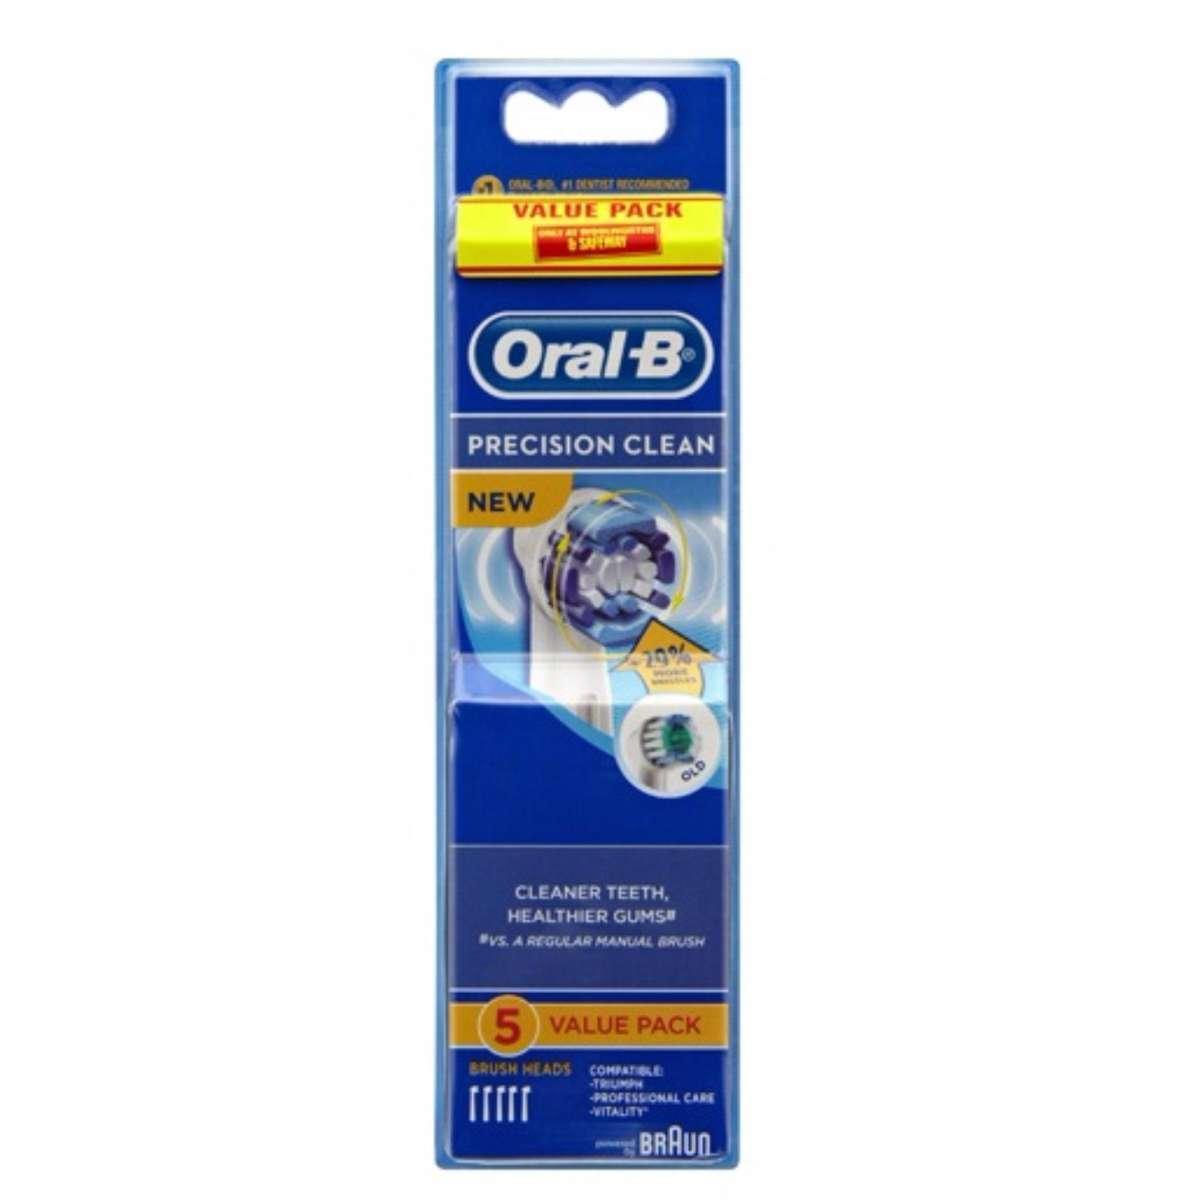 Giá Set 5 Đầu bàn chải điện Oral-B Precision Clean